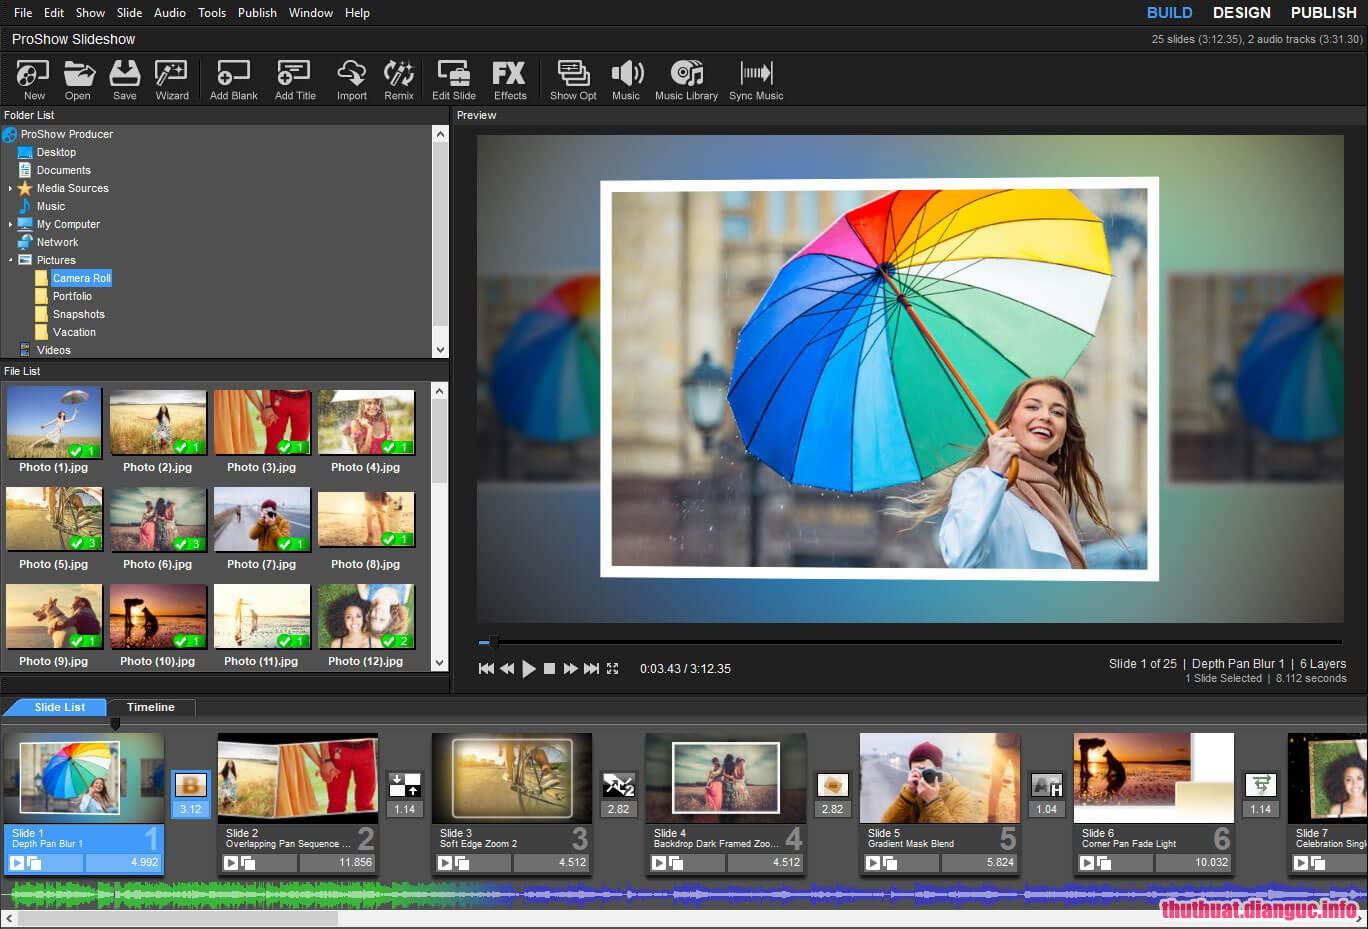 Phần mềm làm video trên máy tính chuyên nghiệp Proshow Producer